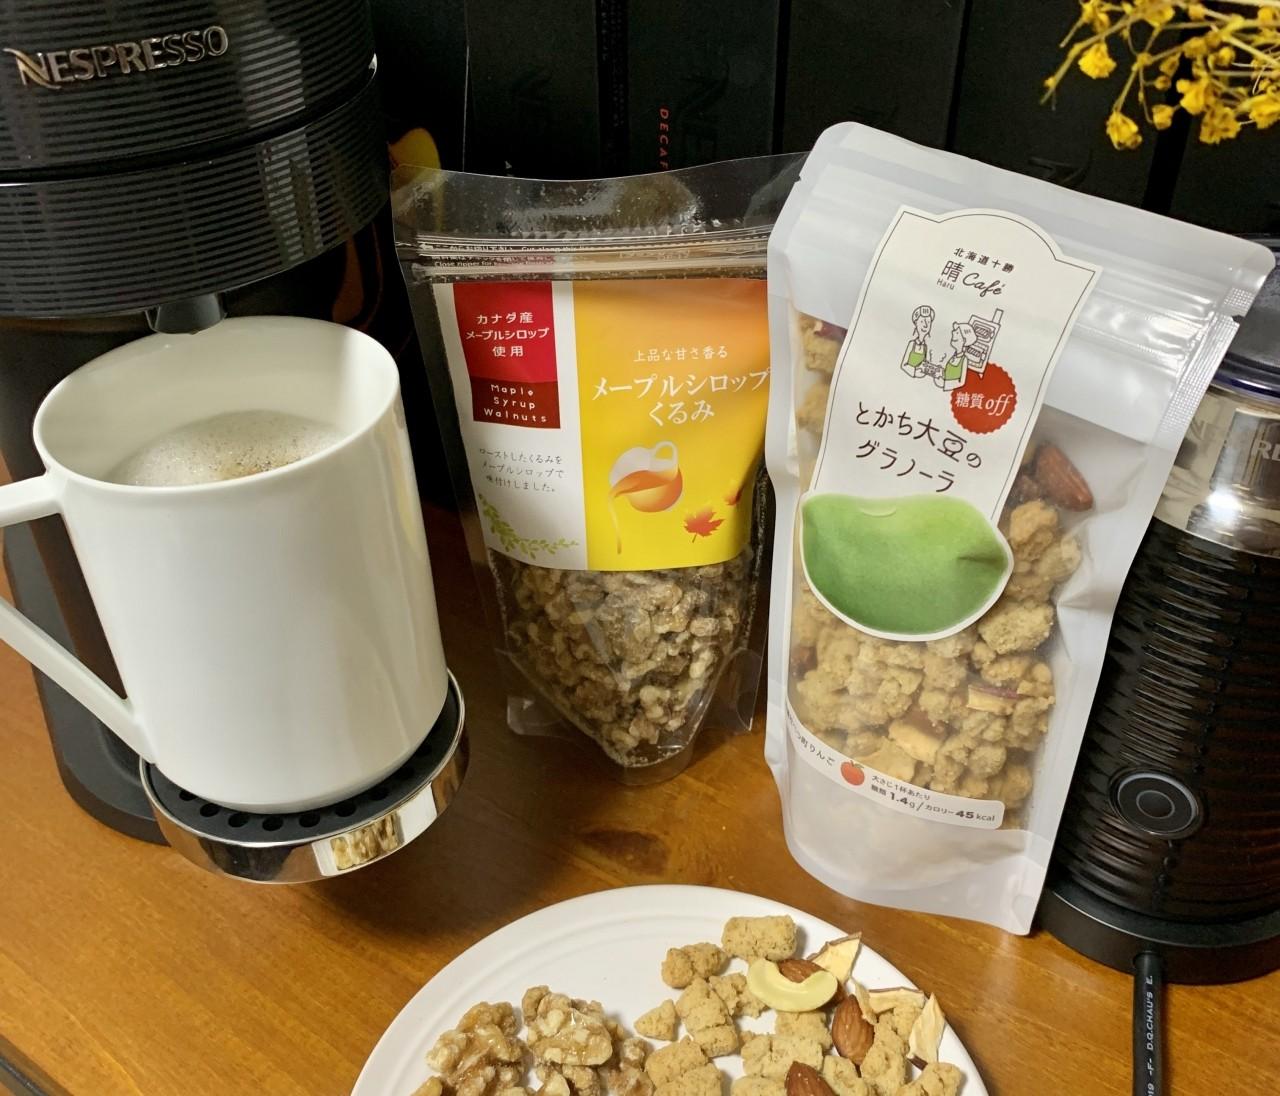 【エディターのおうち私物#34】在宅勤務の息抜きにおすすめなおやつとコーヒーメーカー